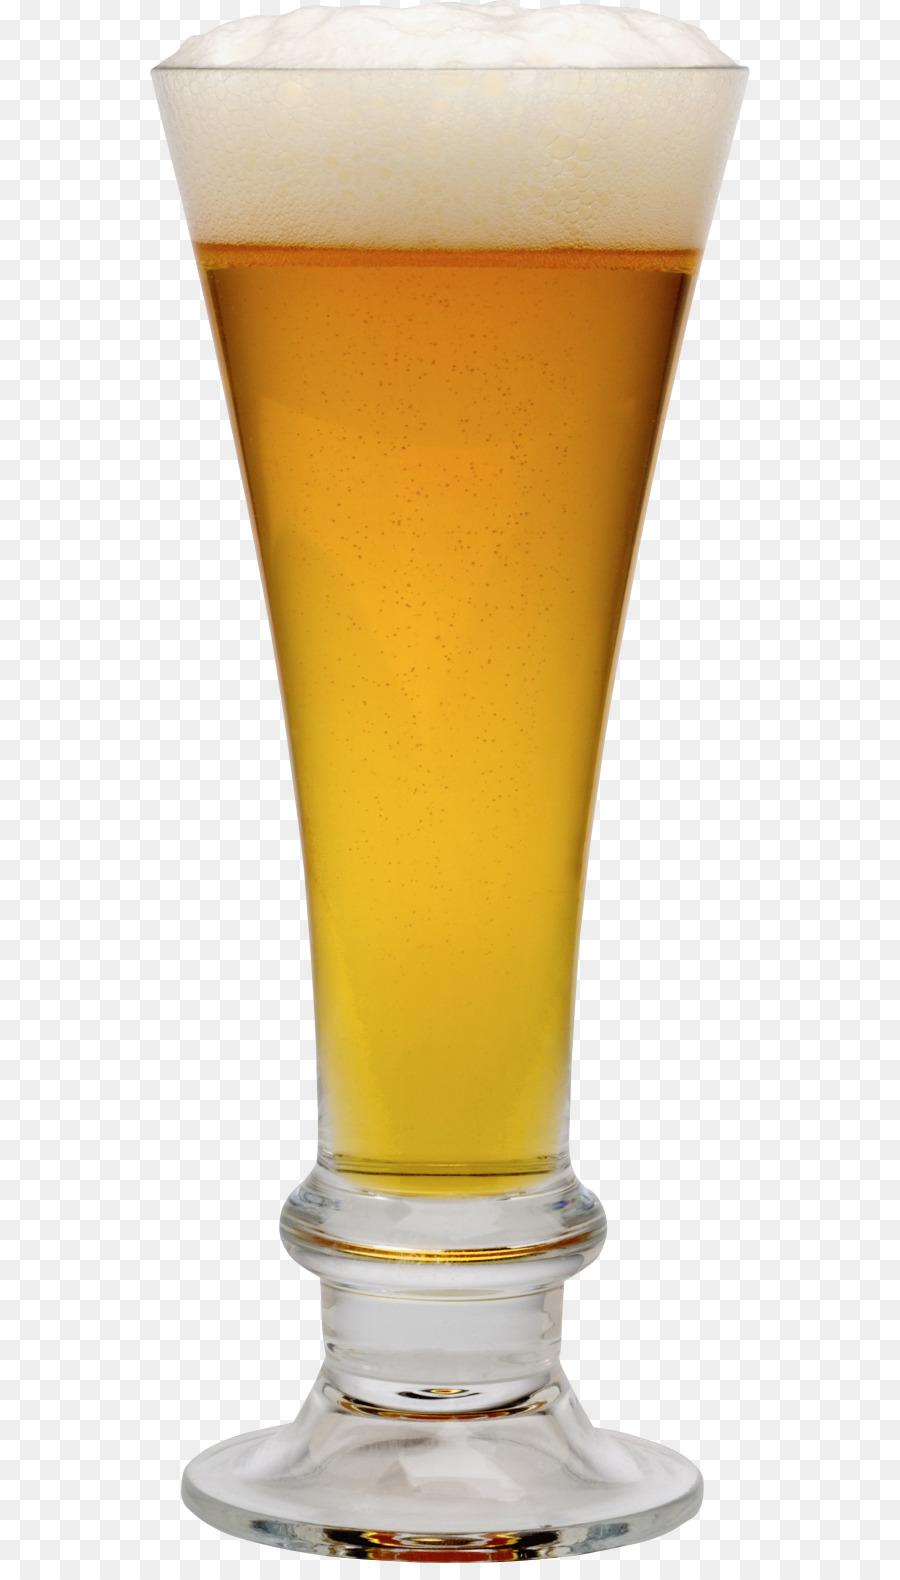 La Cerveza, Bebidas Alcohólicas, Imperial Pinta imagen png.